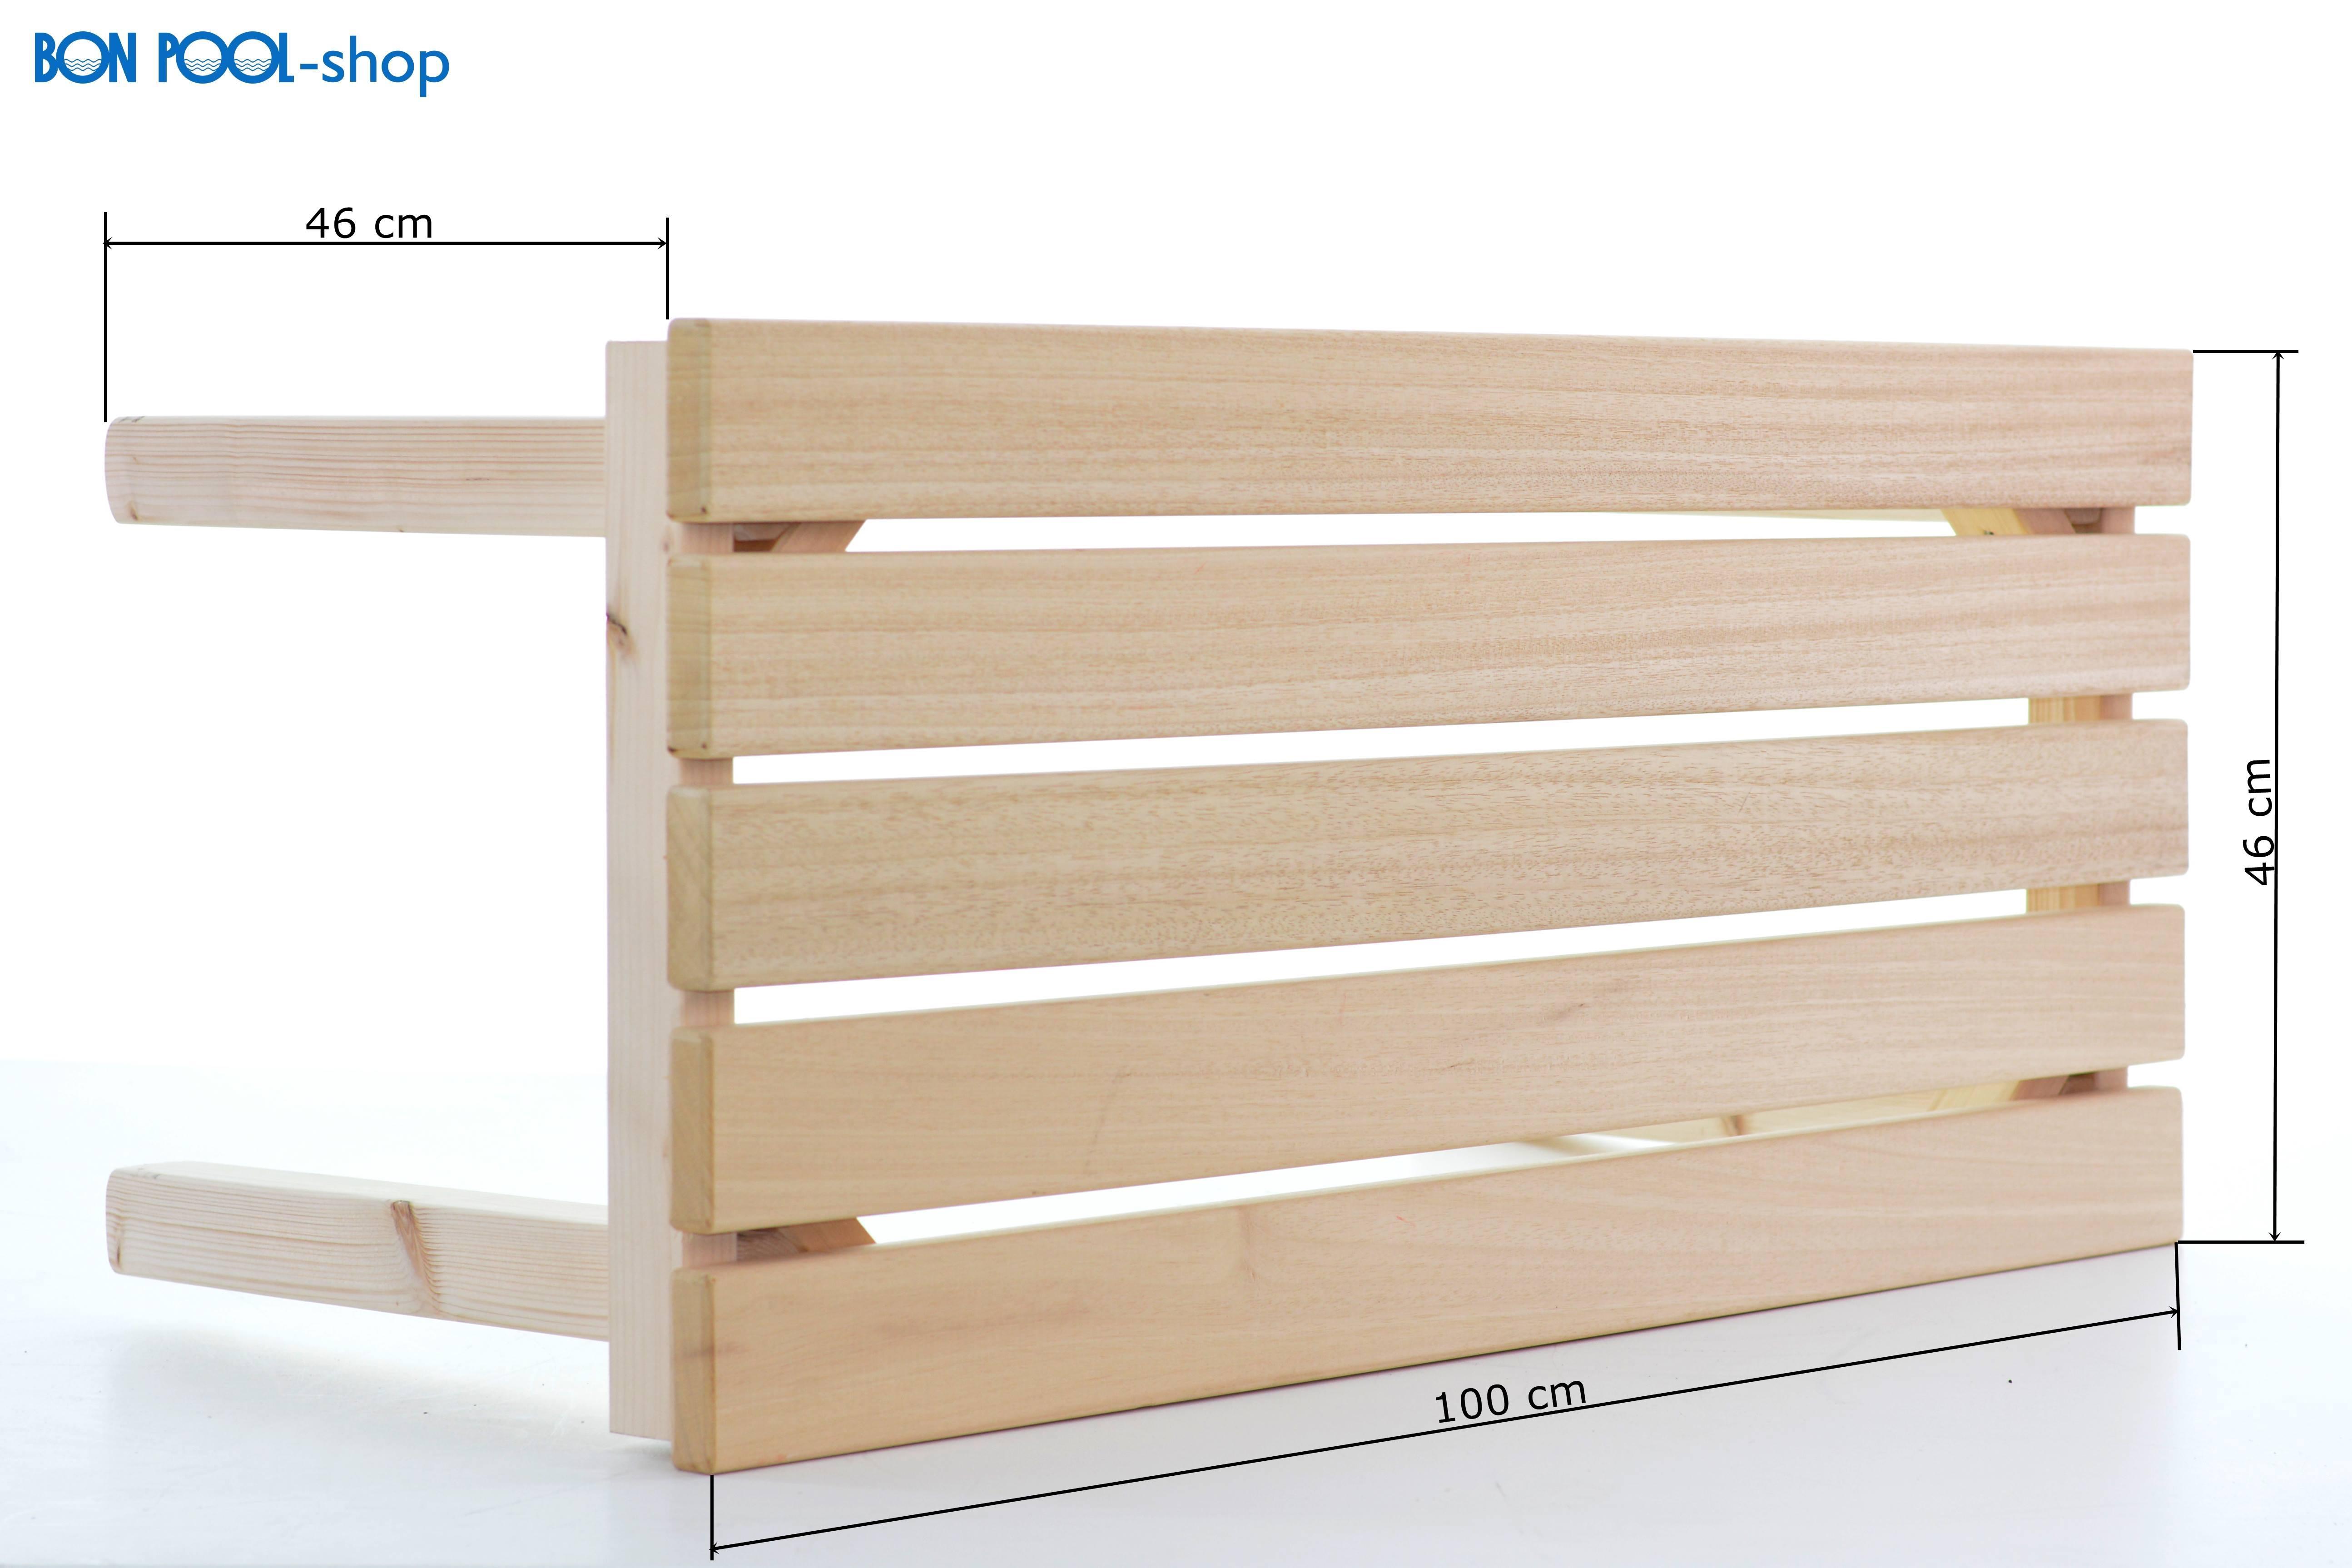 saunabank saunahocker abachi bon pool ebay. Black Bedroom Furniture Sets. Home Design Ideas